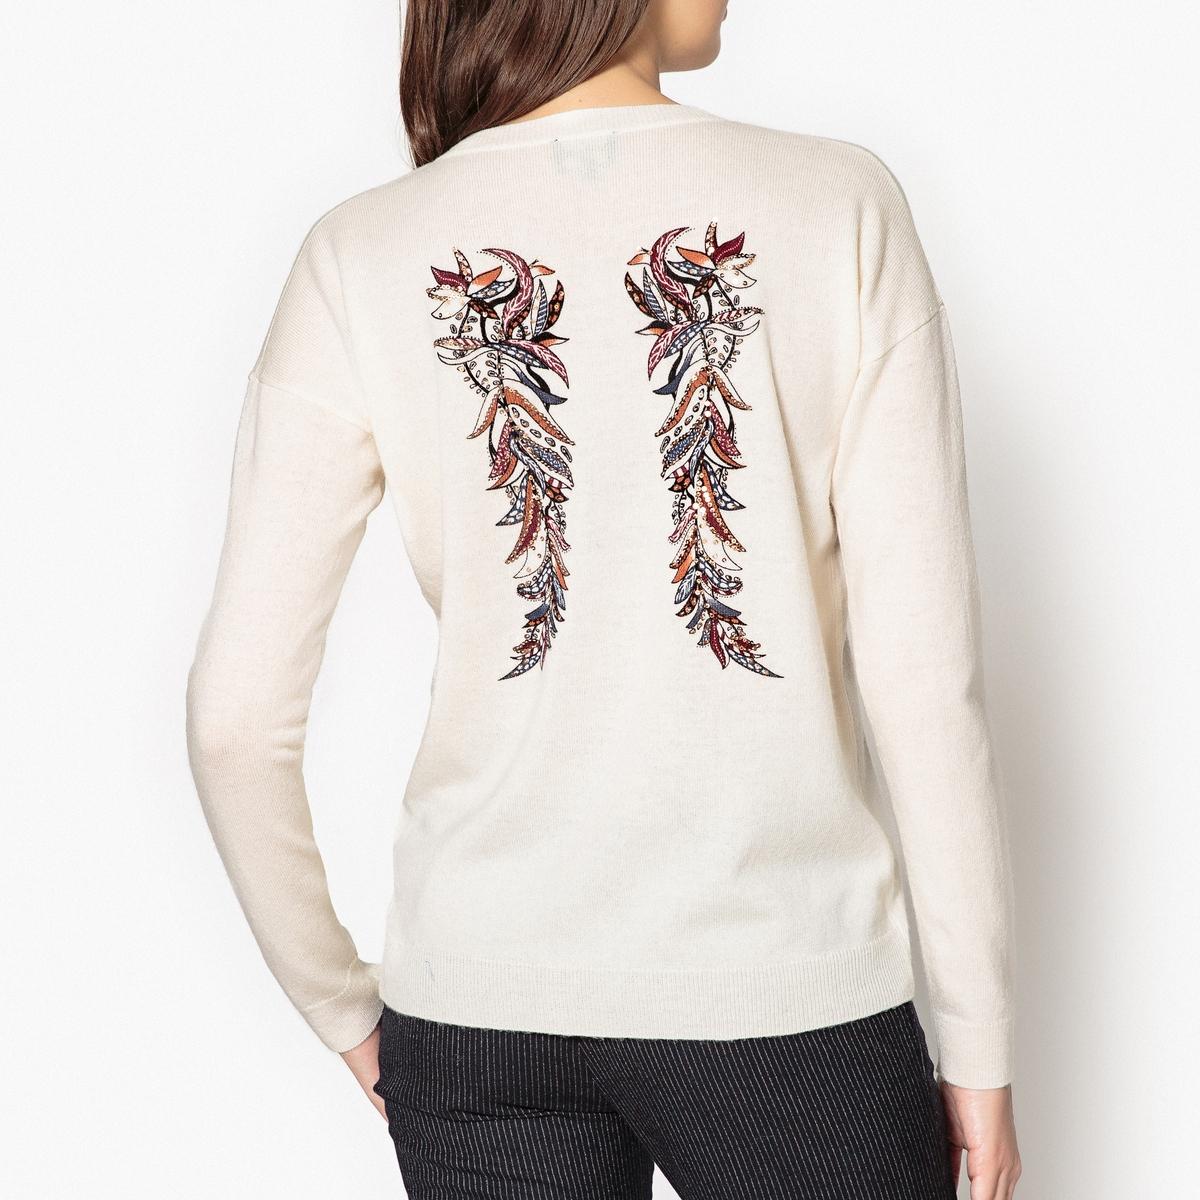 Пуловер с вышитым рисунком крыльев и блёстками BASIL